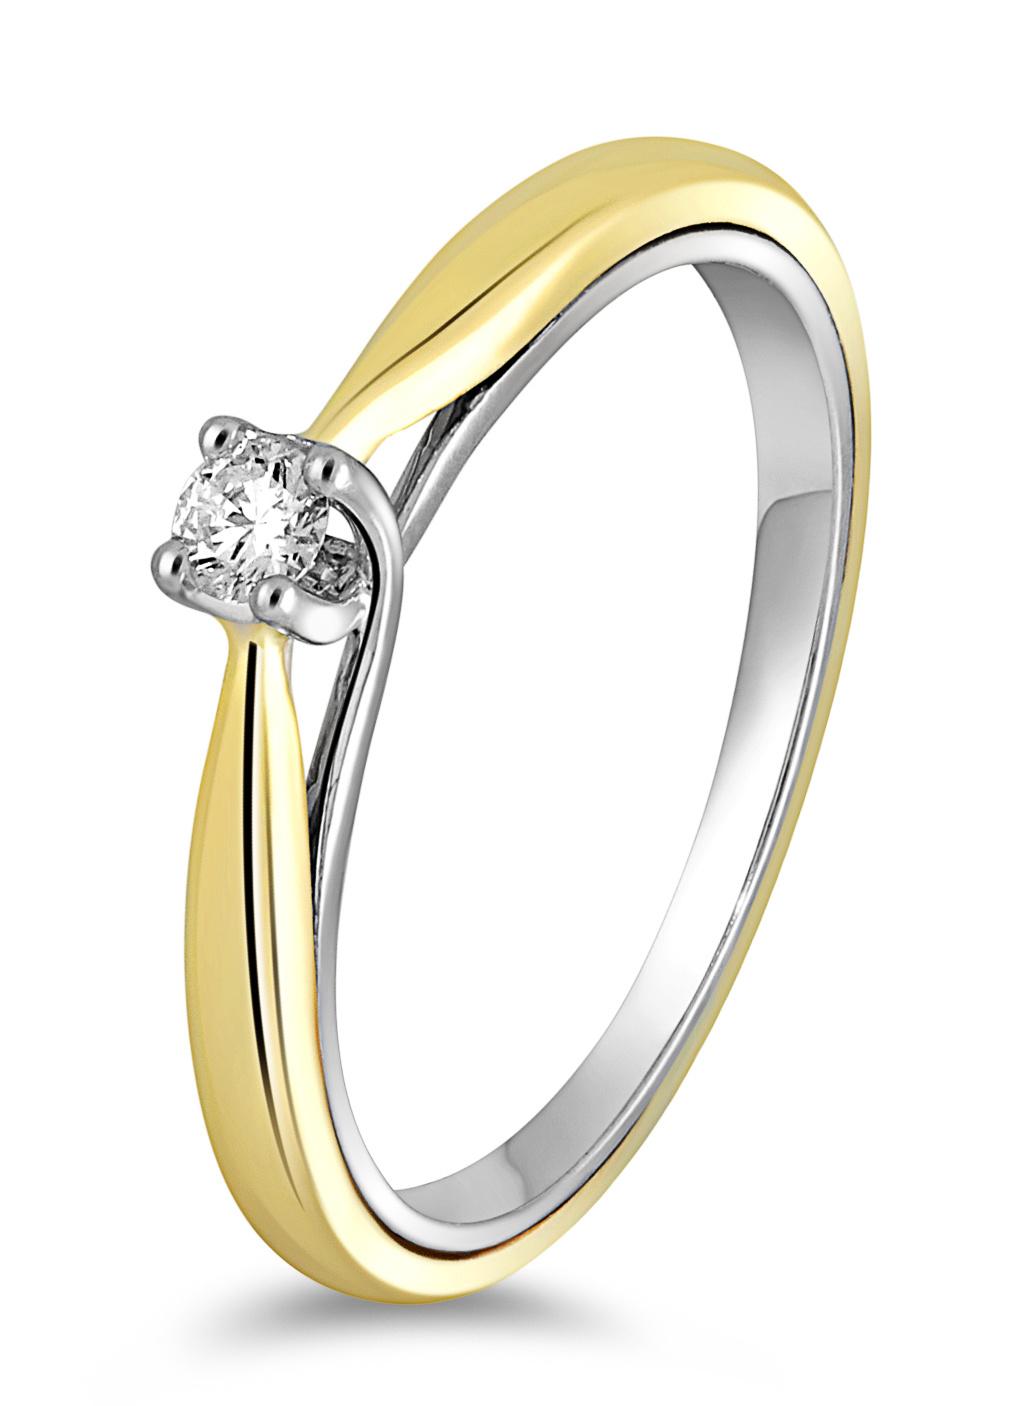 14 karaat gouden ring dames met diamant 0.07 crt. - Solitair - Wit/Geelgoud-1